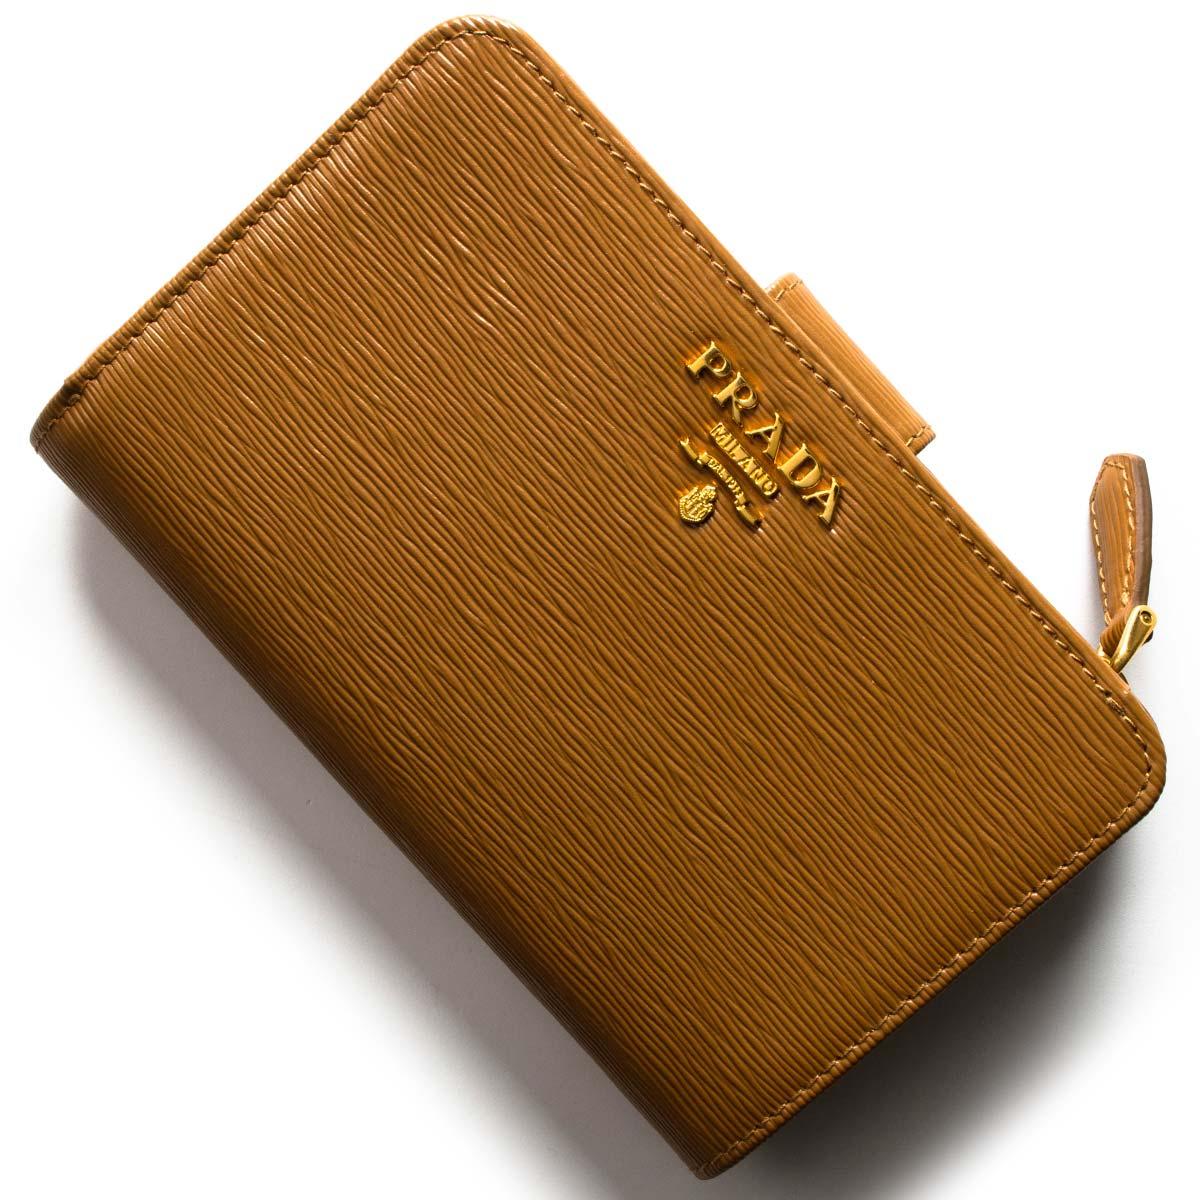 プラダ 二つ折り財布 財布 レディース ヴィッテロ ムーヴ キャラメルブラウン 1ML225 2EZZ F098L PRADA